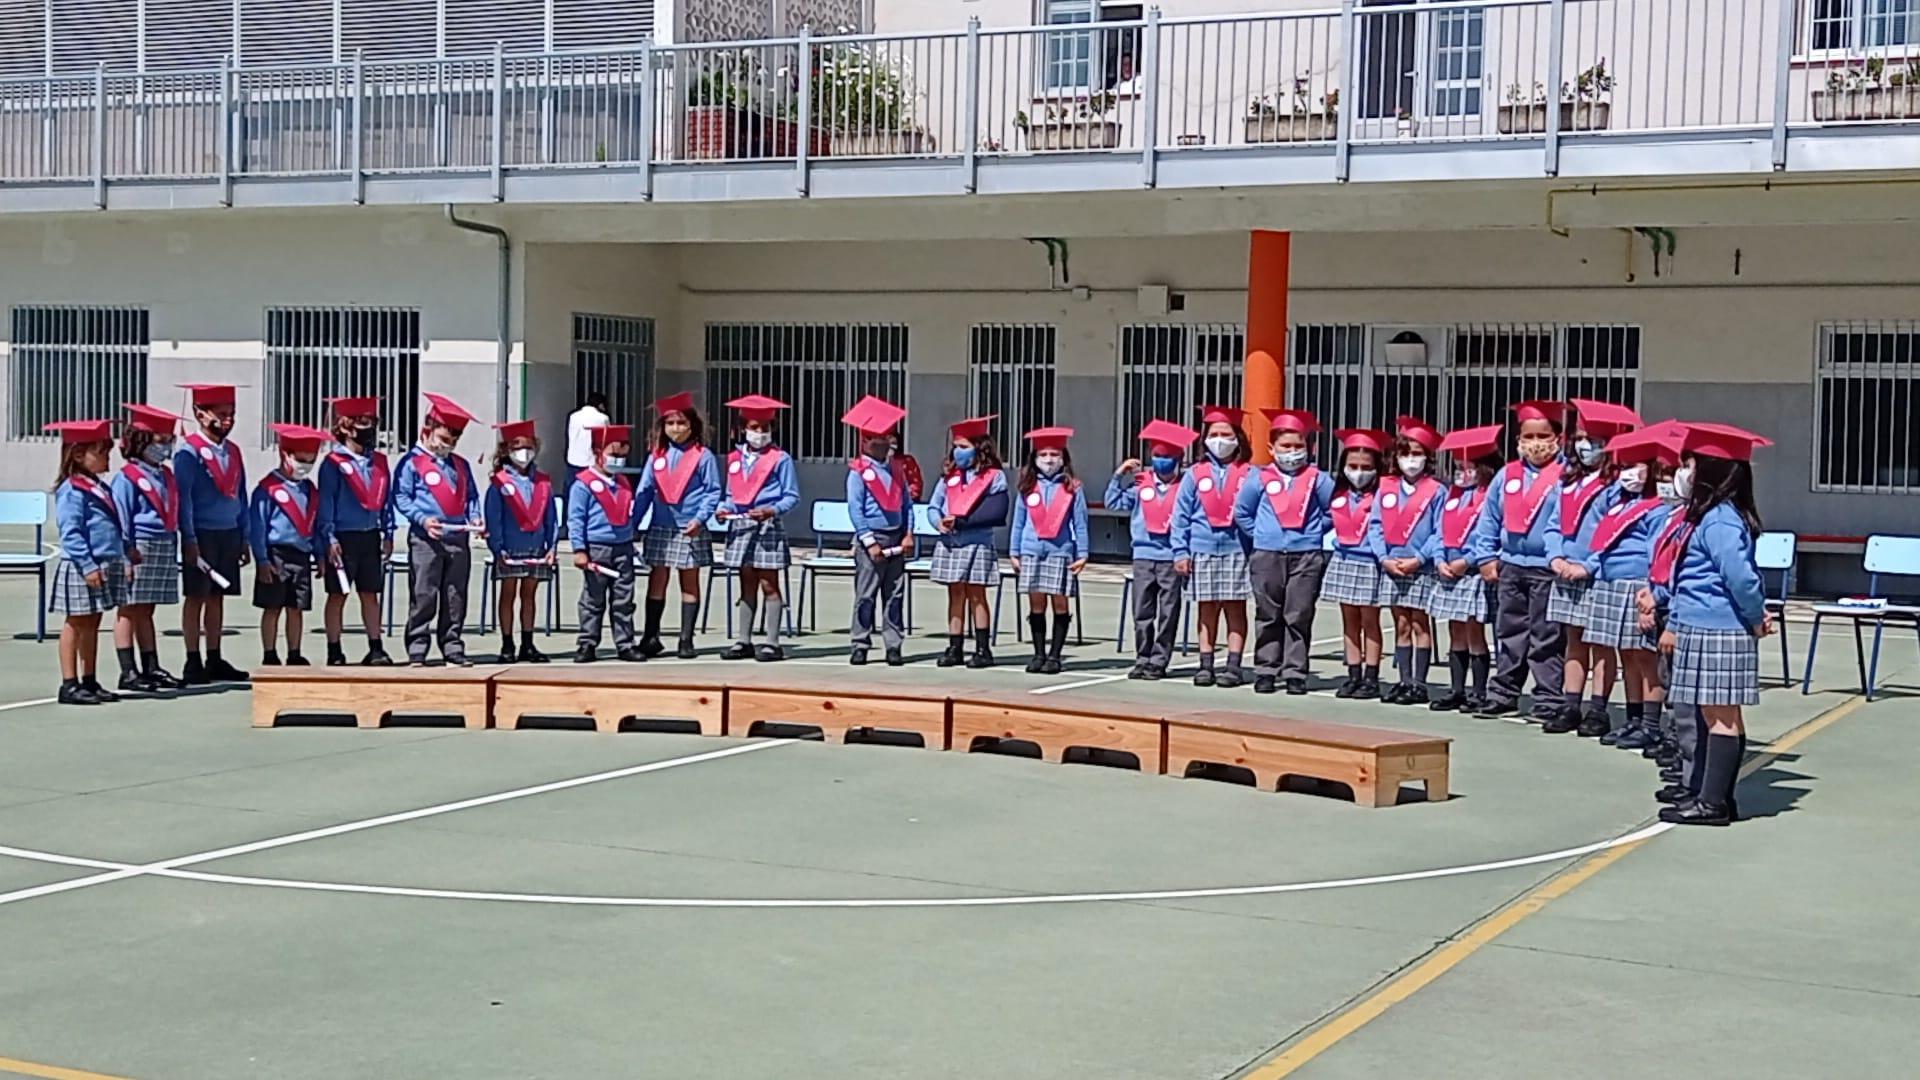 Cerimonia de graduación para xs 26 alumnxs que rematan este curso 6º de Educación Infantil no colexio Sagrado Corazón de Ribadeo